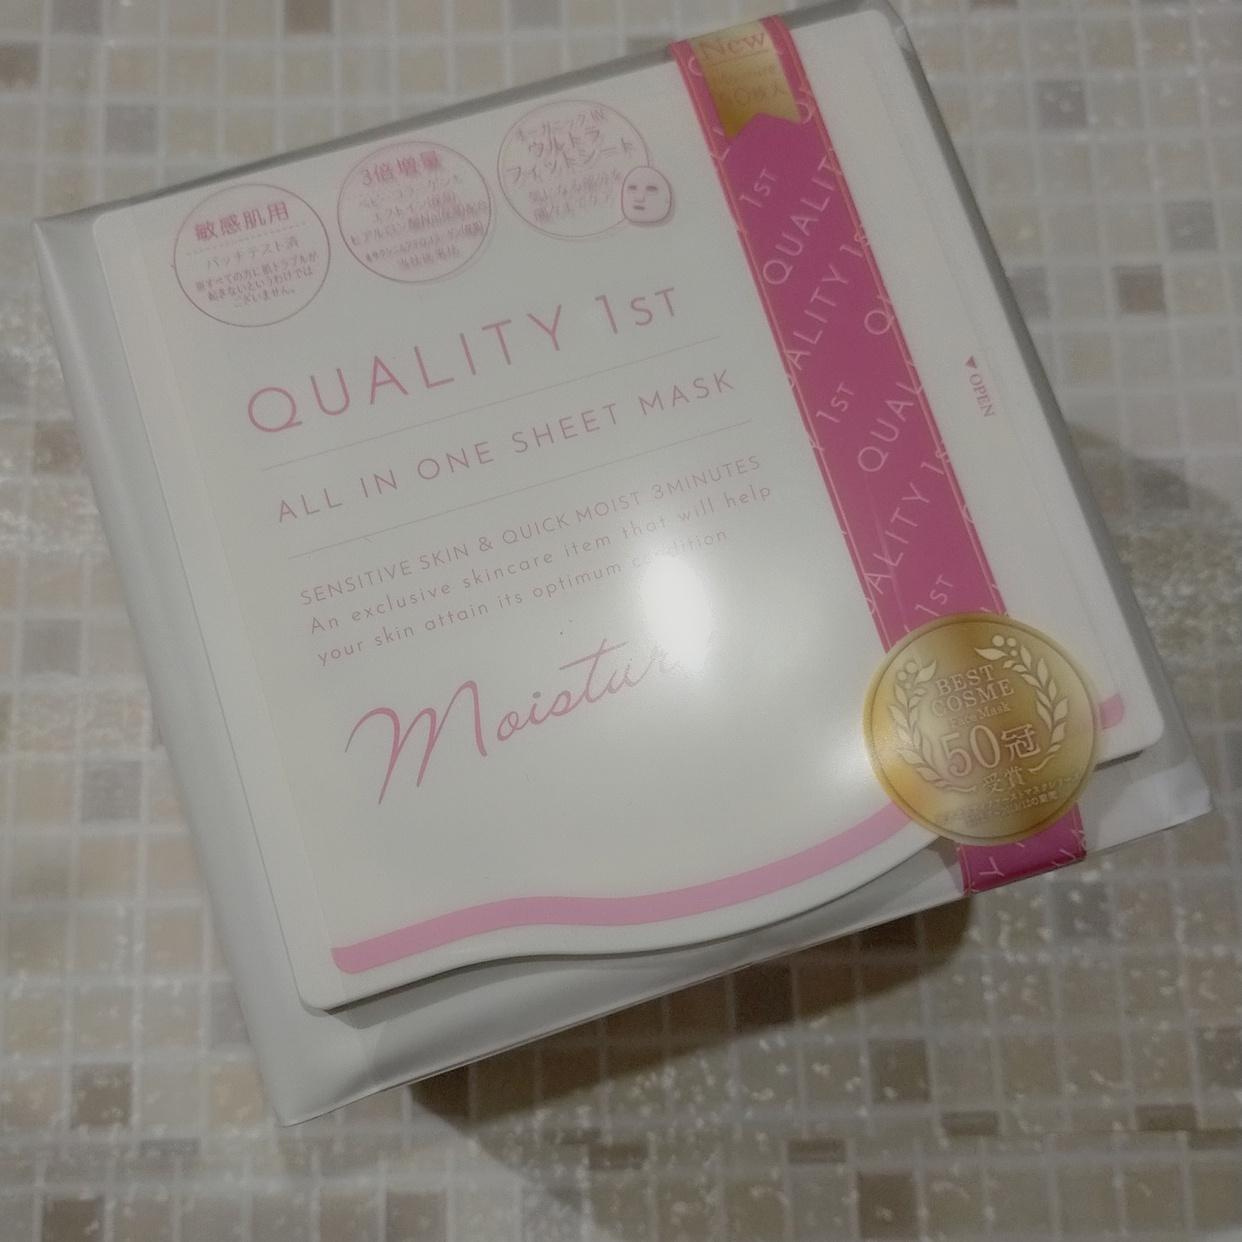 Quality 1st(クオリティファースト) オールインワンシートマスク モイストEXIIを使ったみこさんのクチコミ画像1